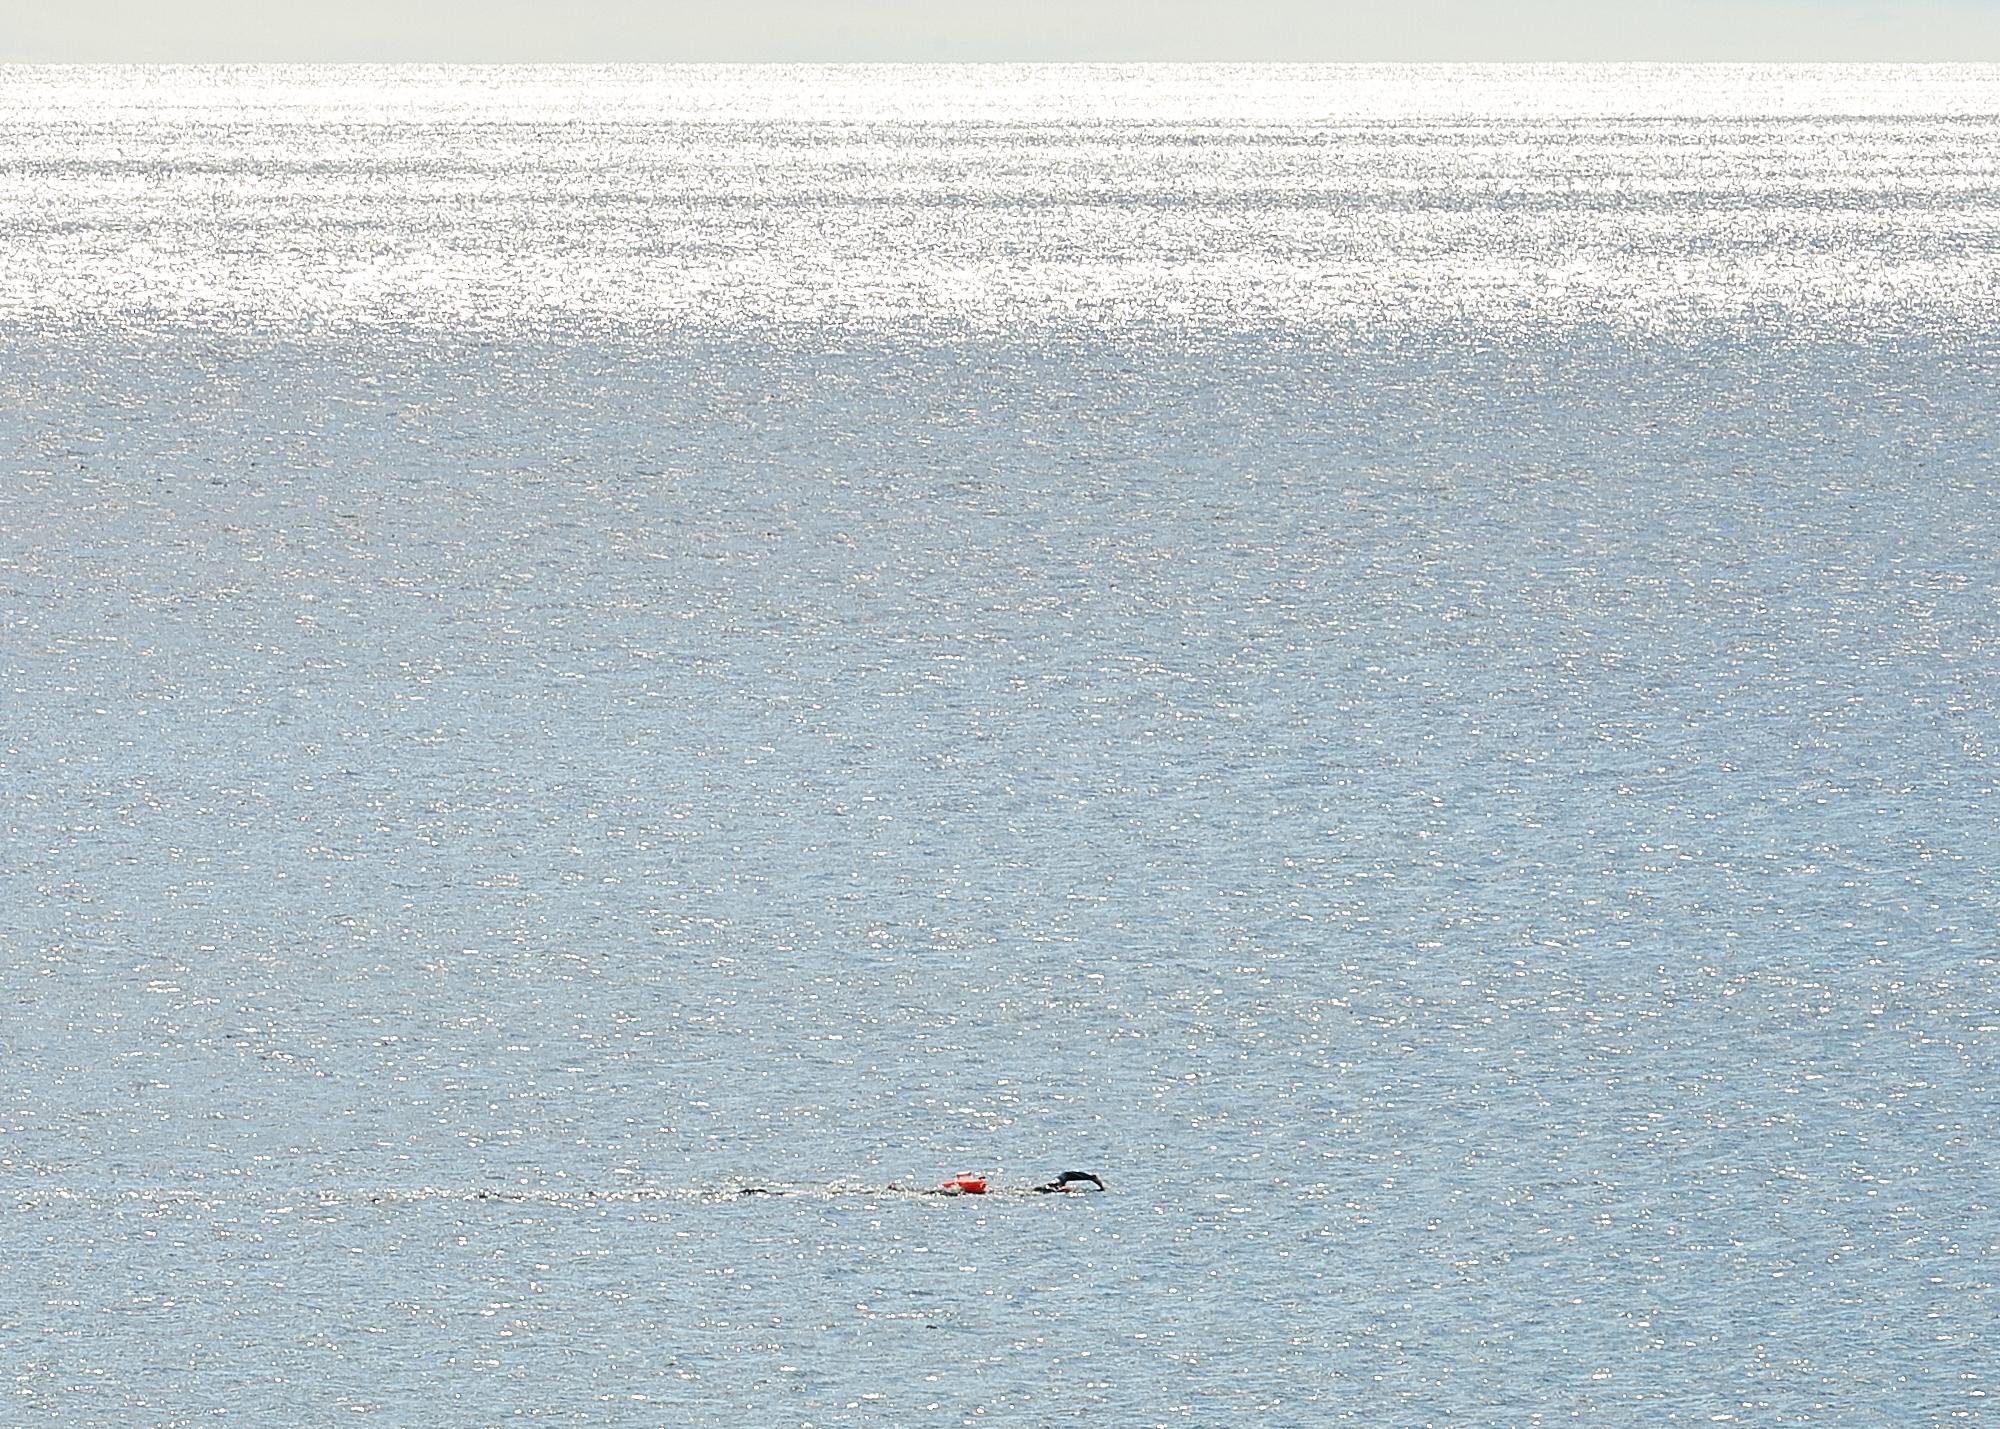 Swim in beautiful clear water